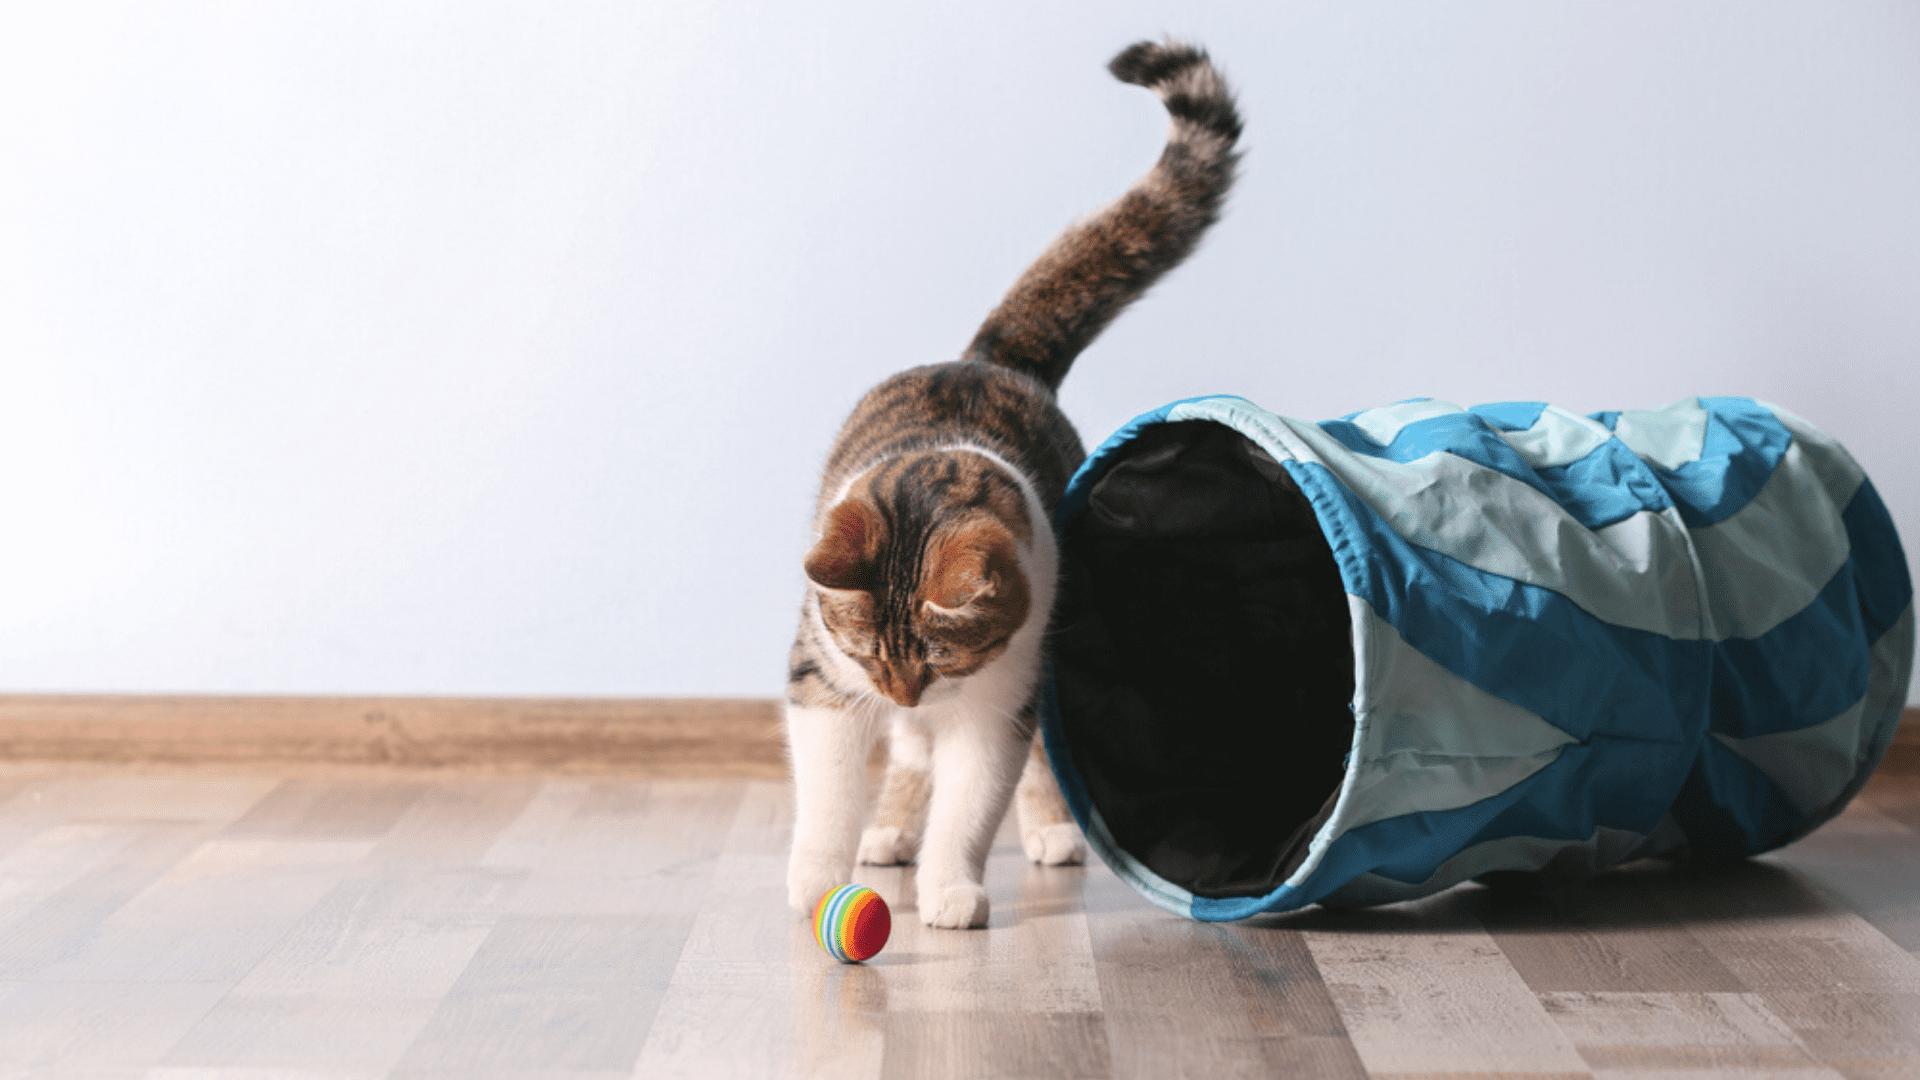 O túnel ou circuito é comumente utilizado para gastar energia do gato (Reprodução/Shutterstock)